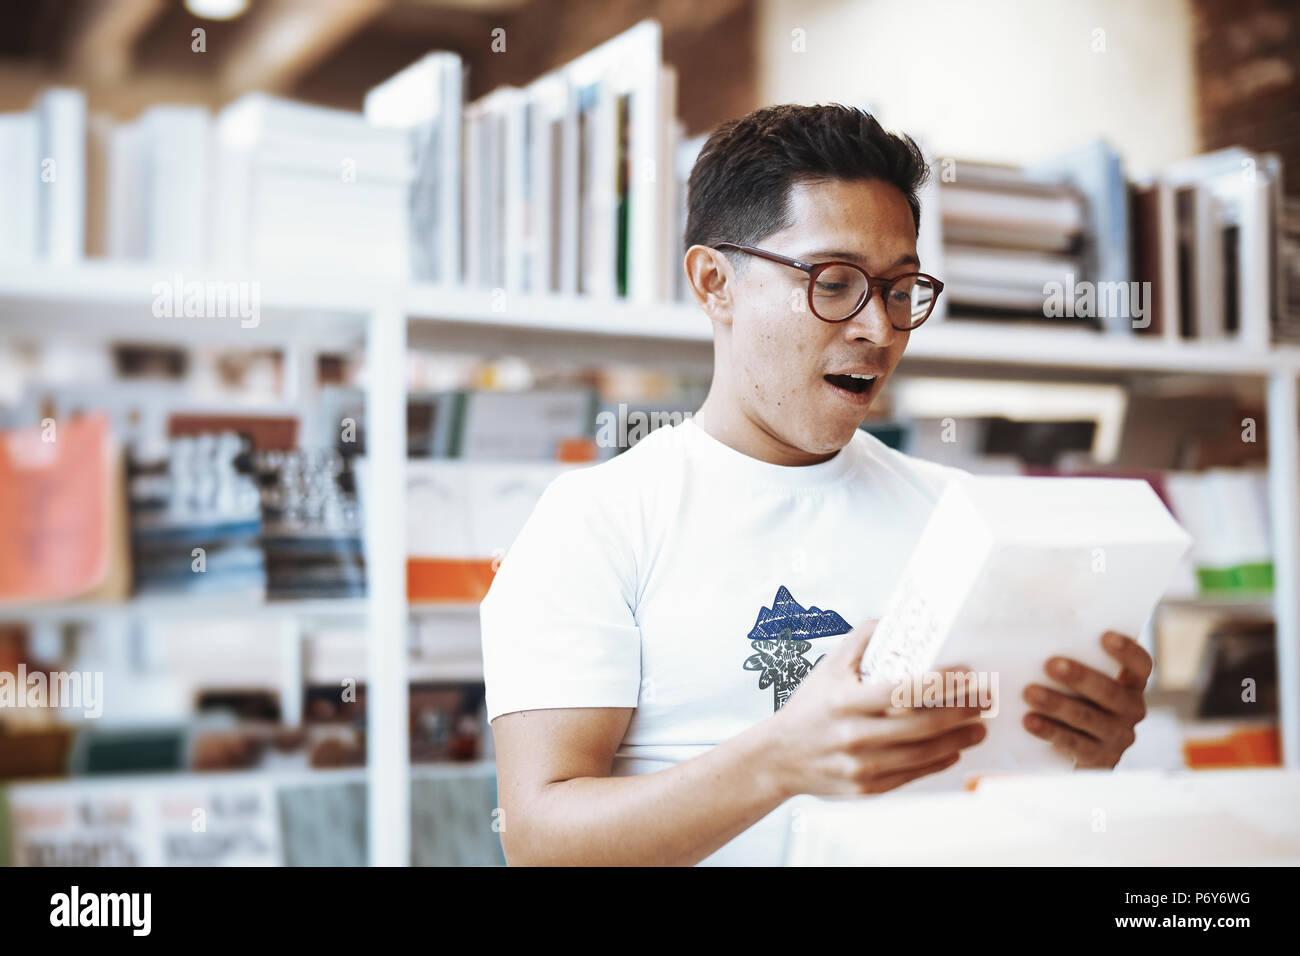 Oso atractivo joven hombre con libro y demostrar sorprendido rostro. Foto de stock